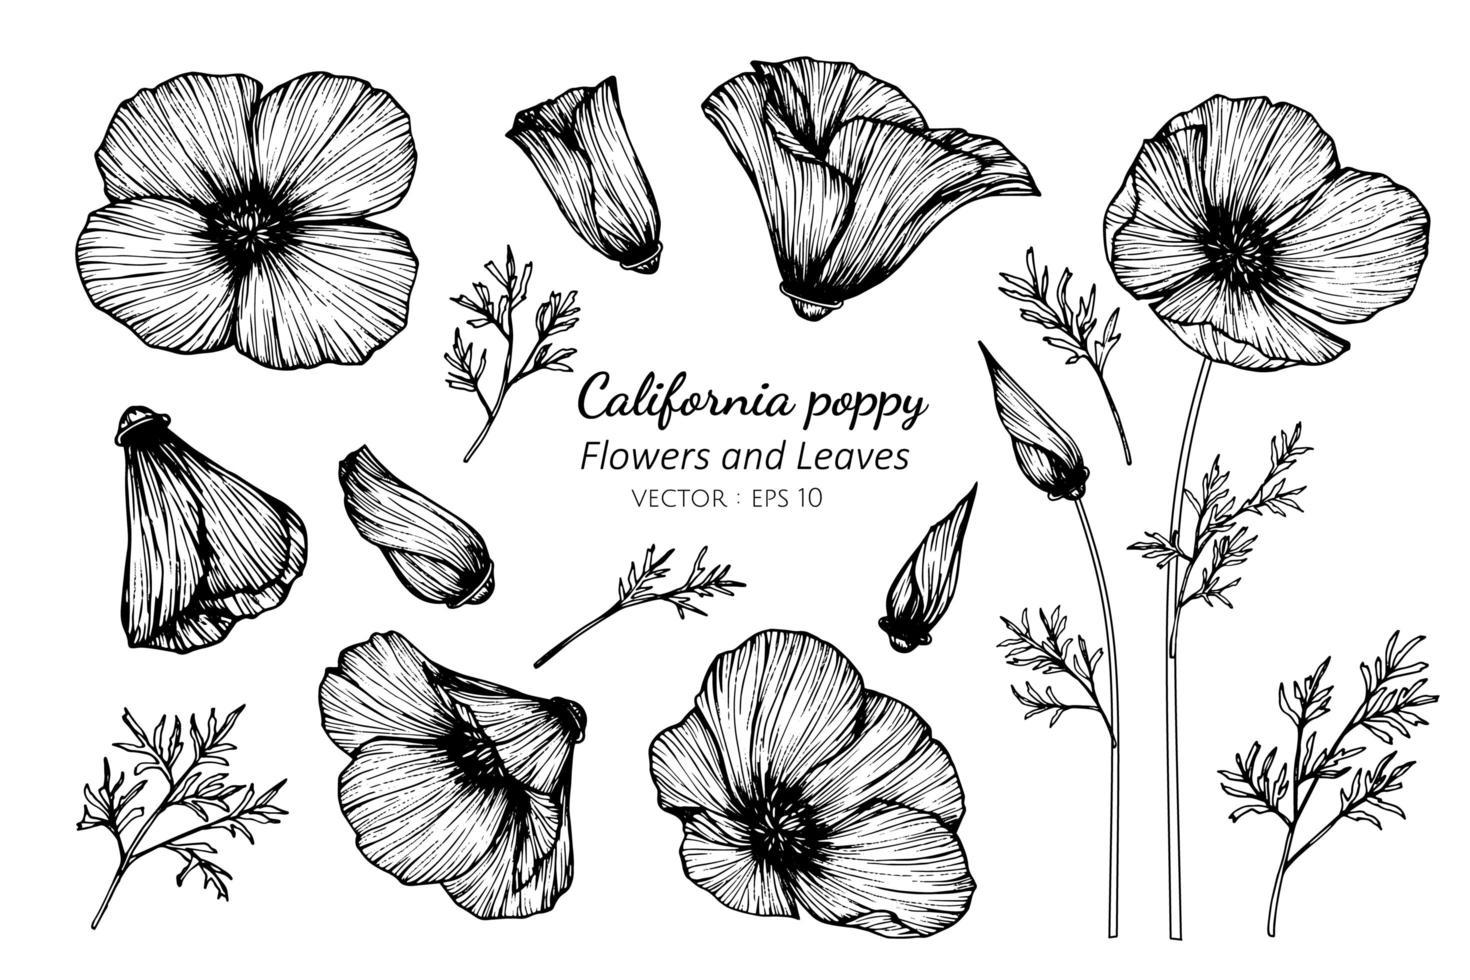 Satz von kalifornischen Mohnblumen und -blättern vektor